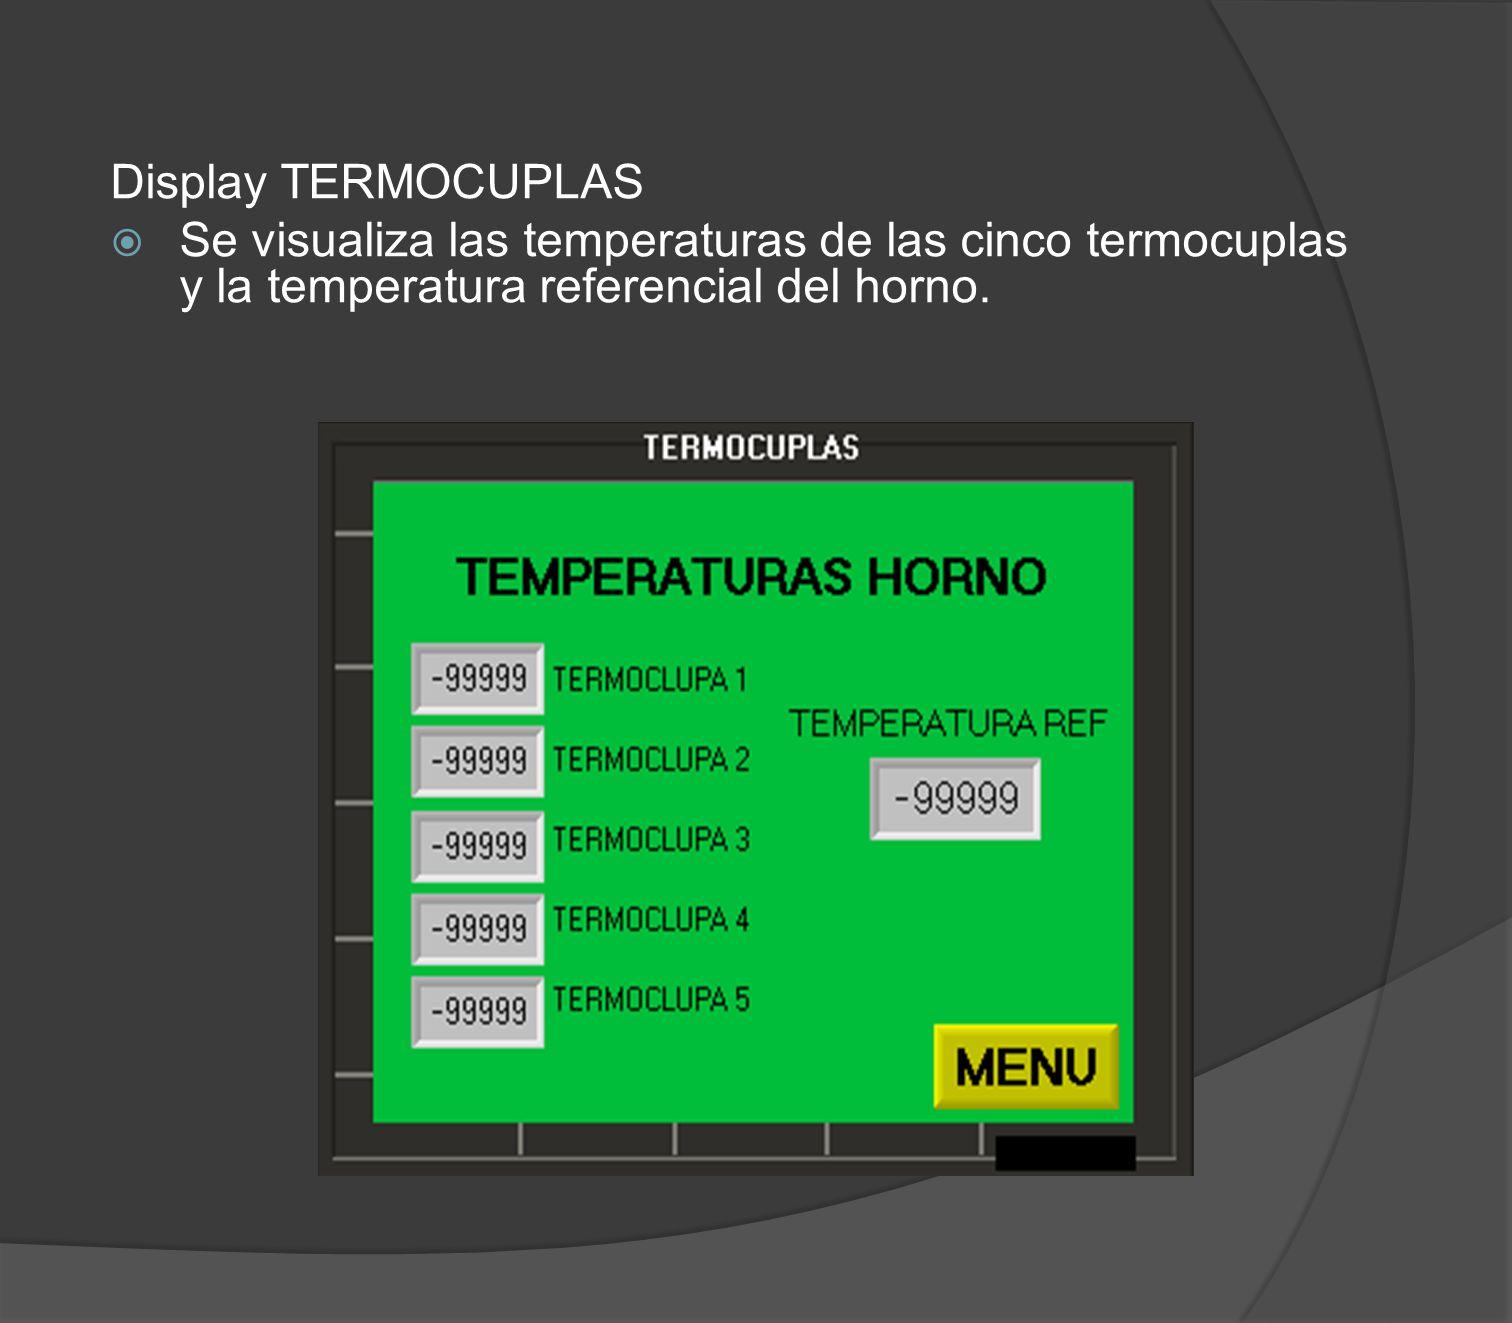 Display TERMOCUPLAS Se visualiza las temperaturas de las cinco termocuplas y la temperatura referencial del horno.